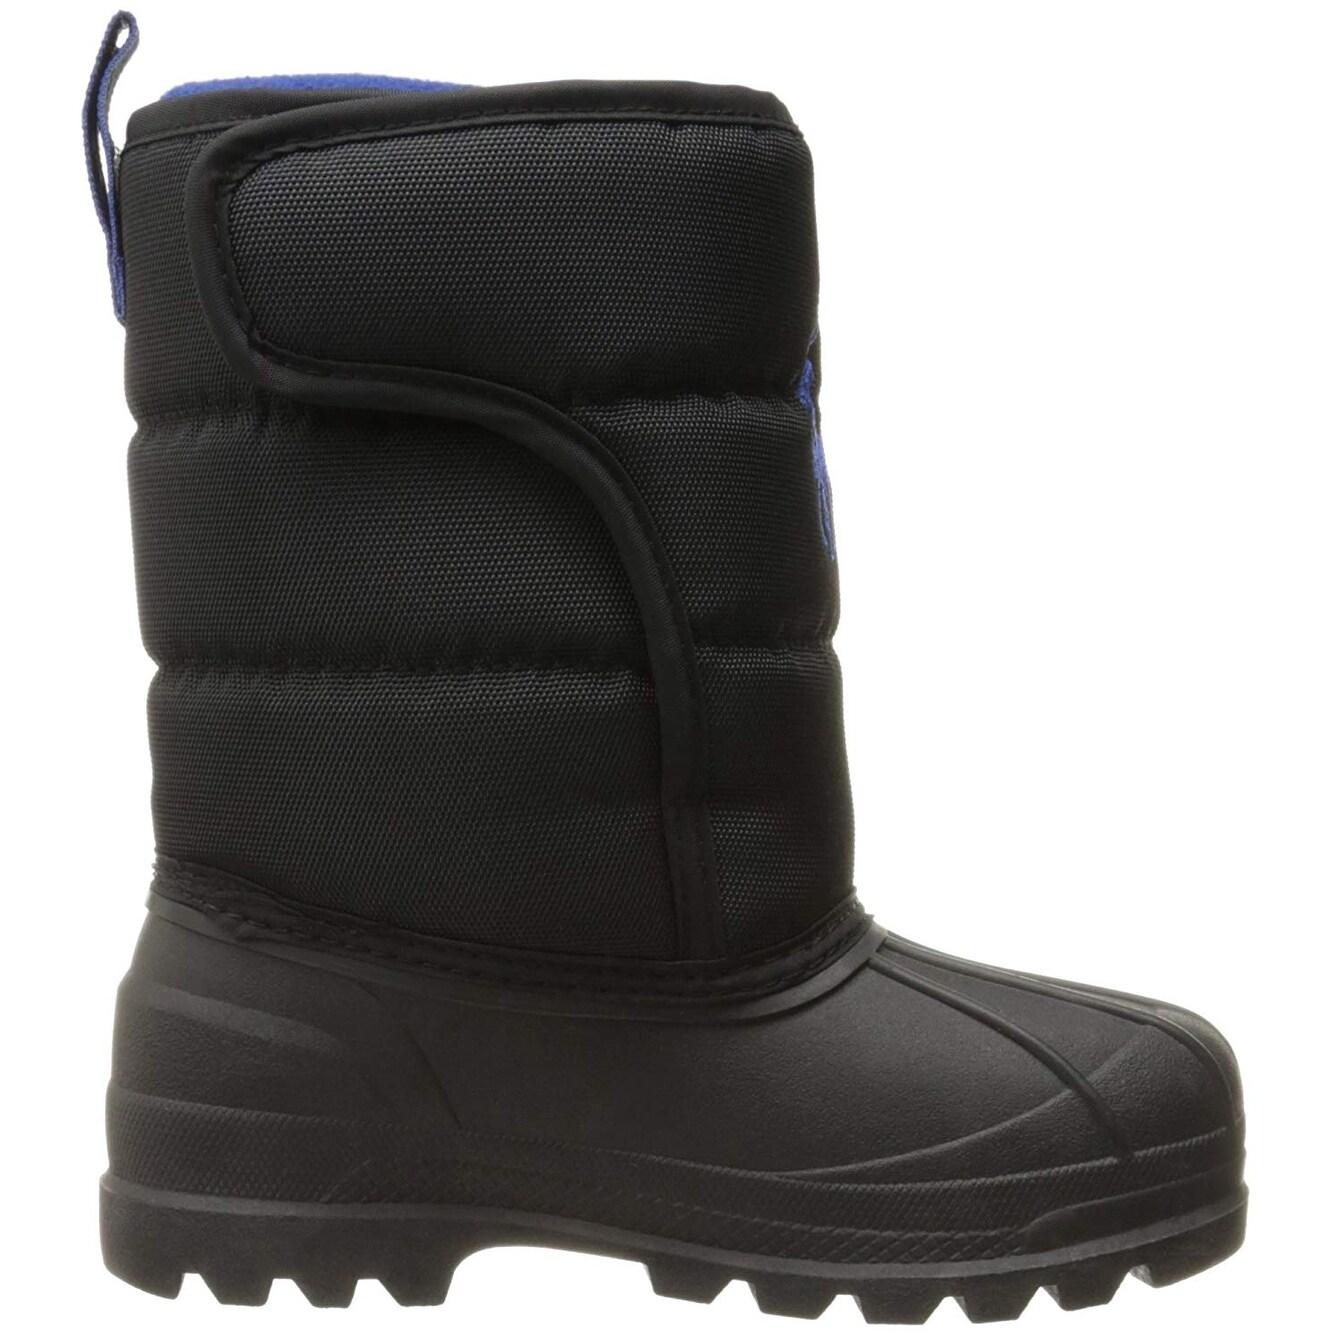 d676e19cd4d Polo Ralph Lauren Kids 993534 Snow Boot - 5